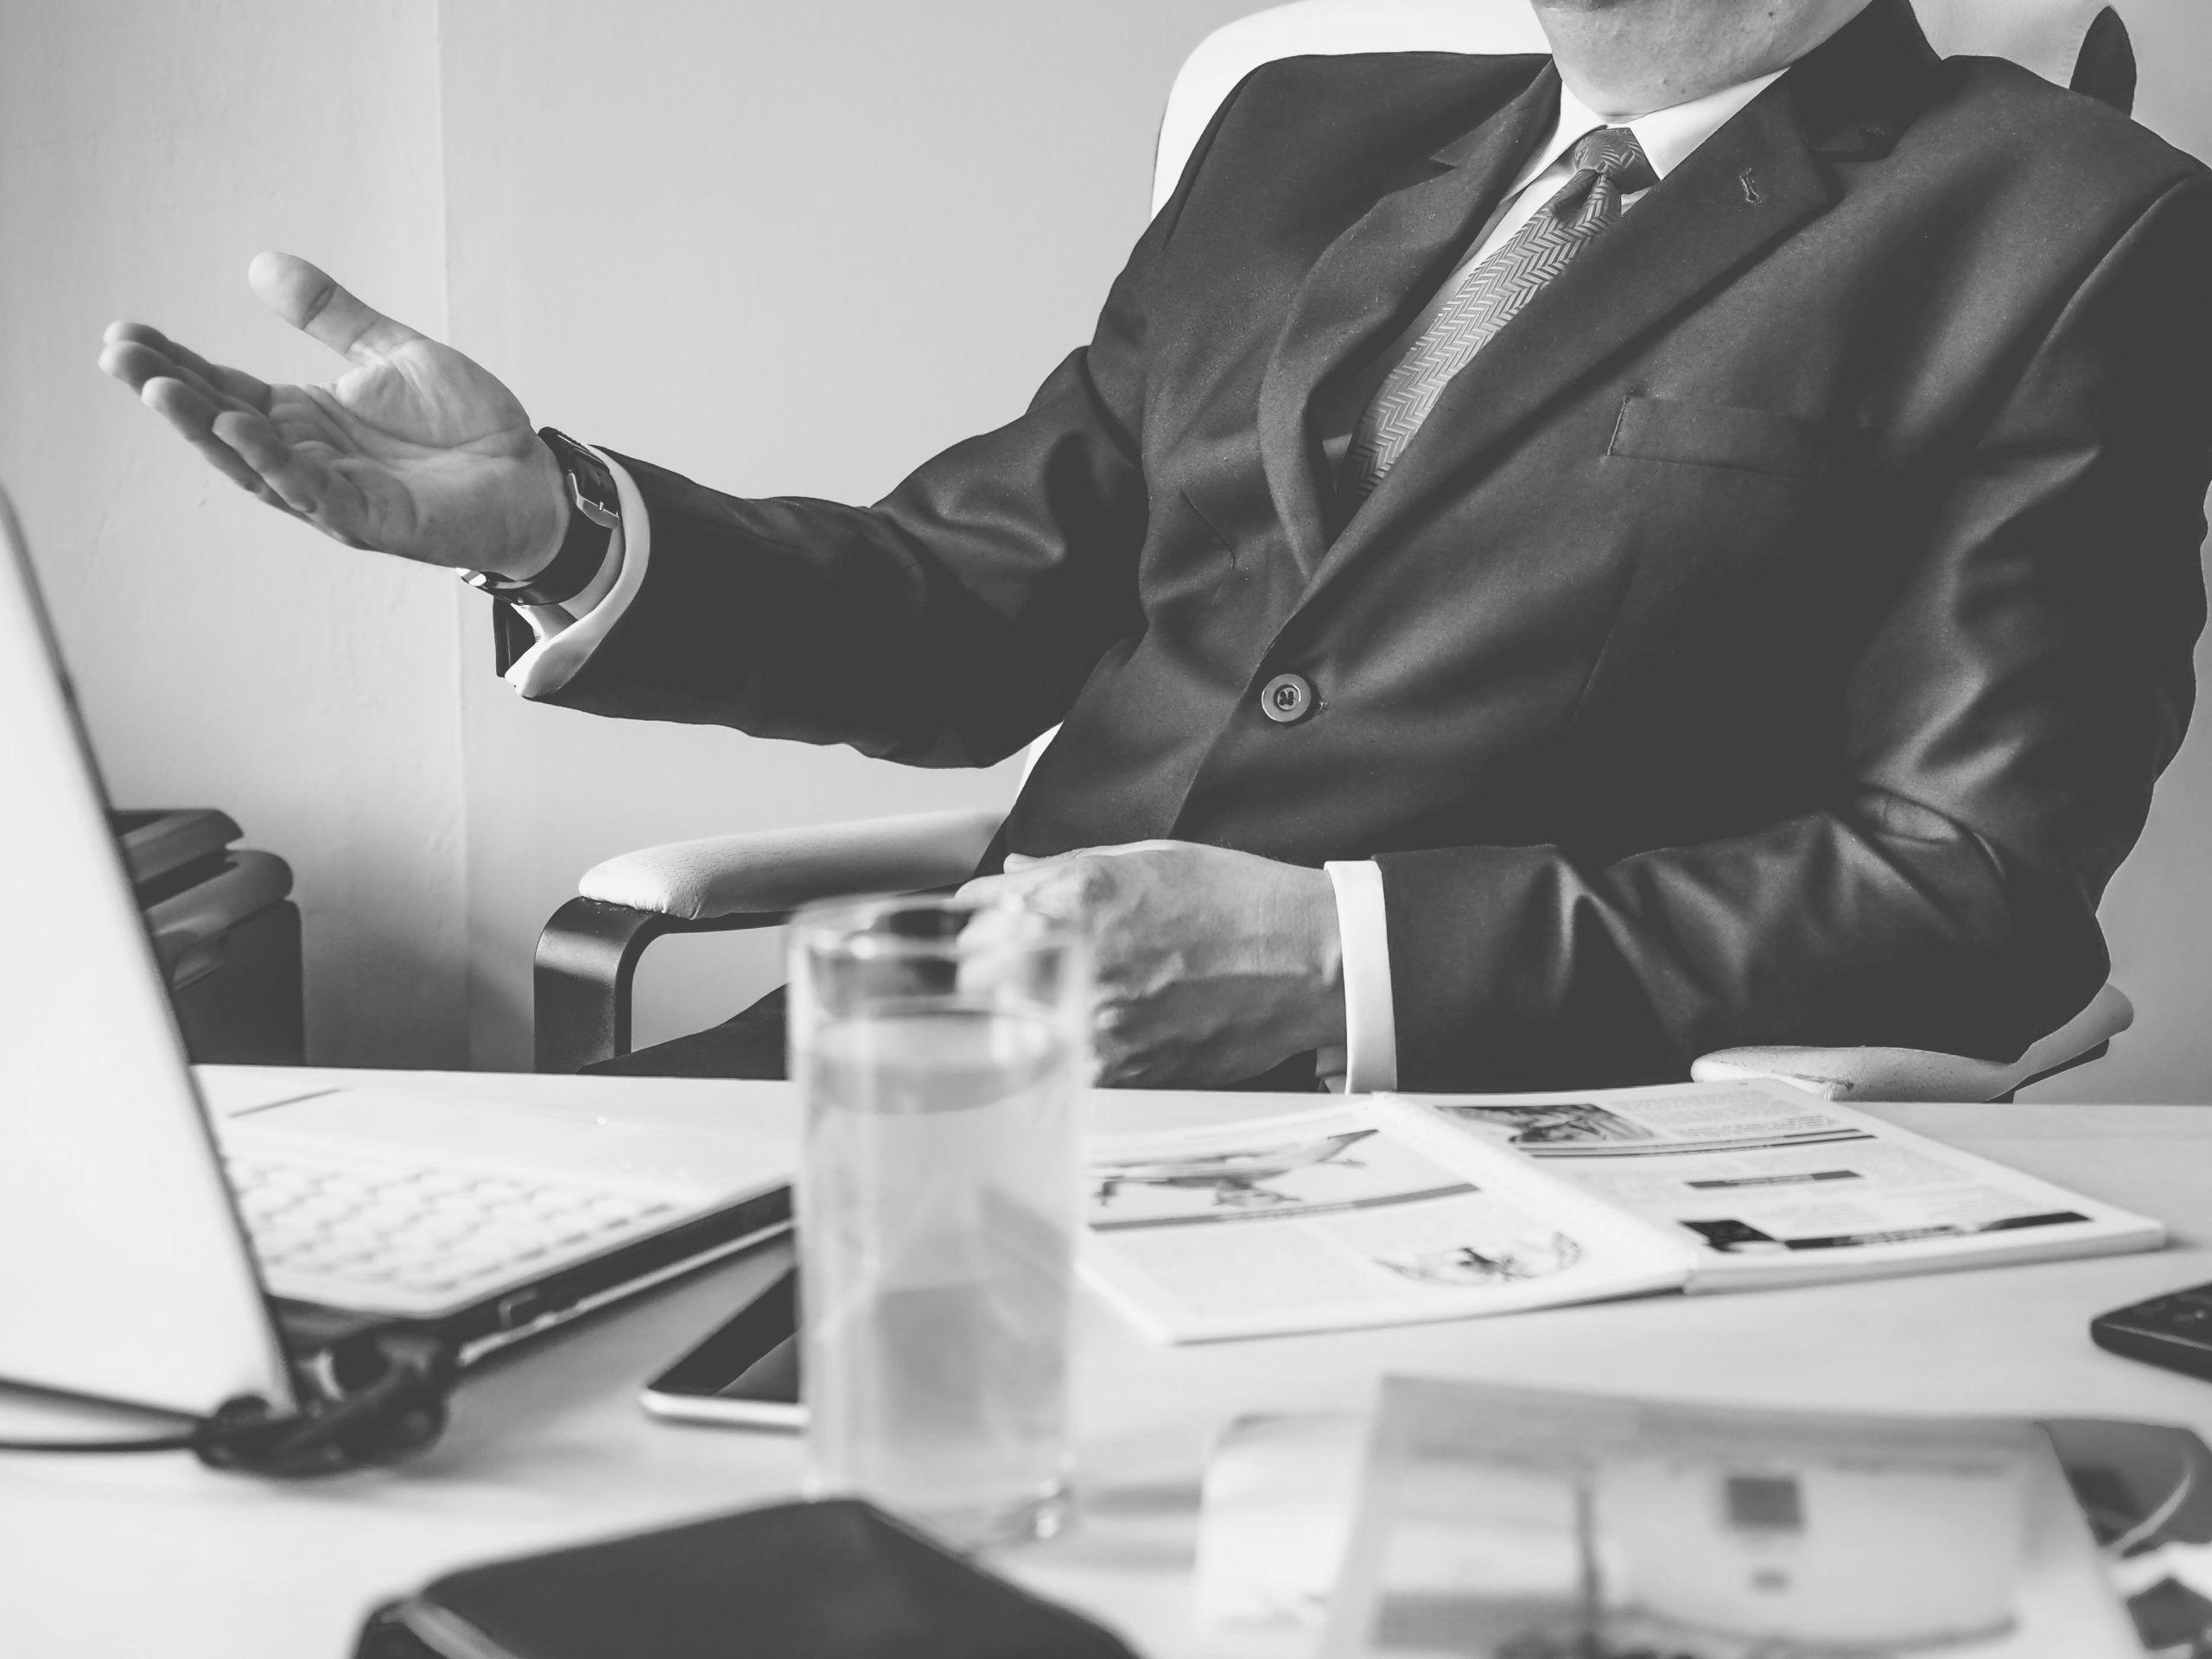 On vous explique : quel est le rôle du notaire dans une transaction immobilière ?